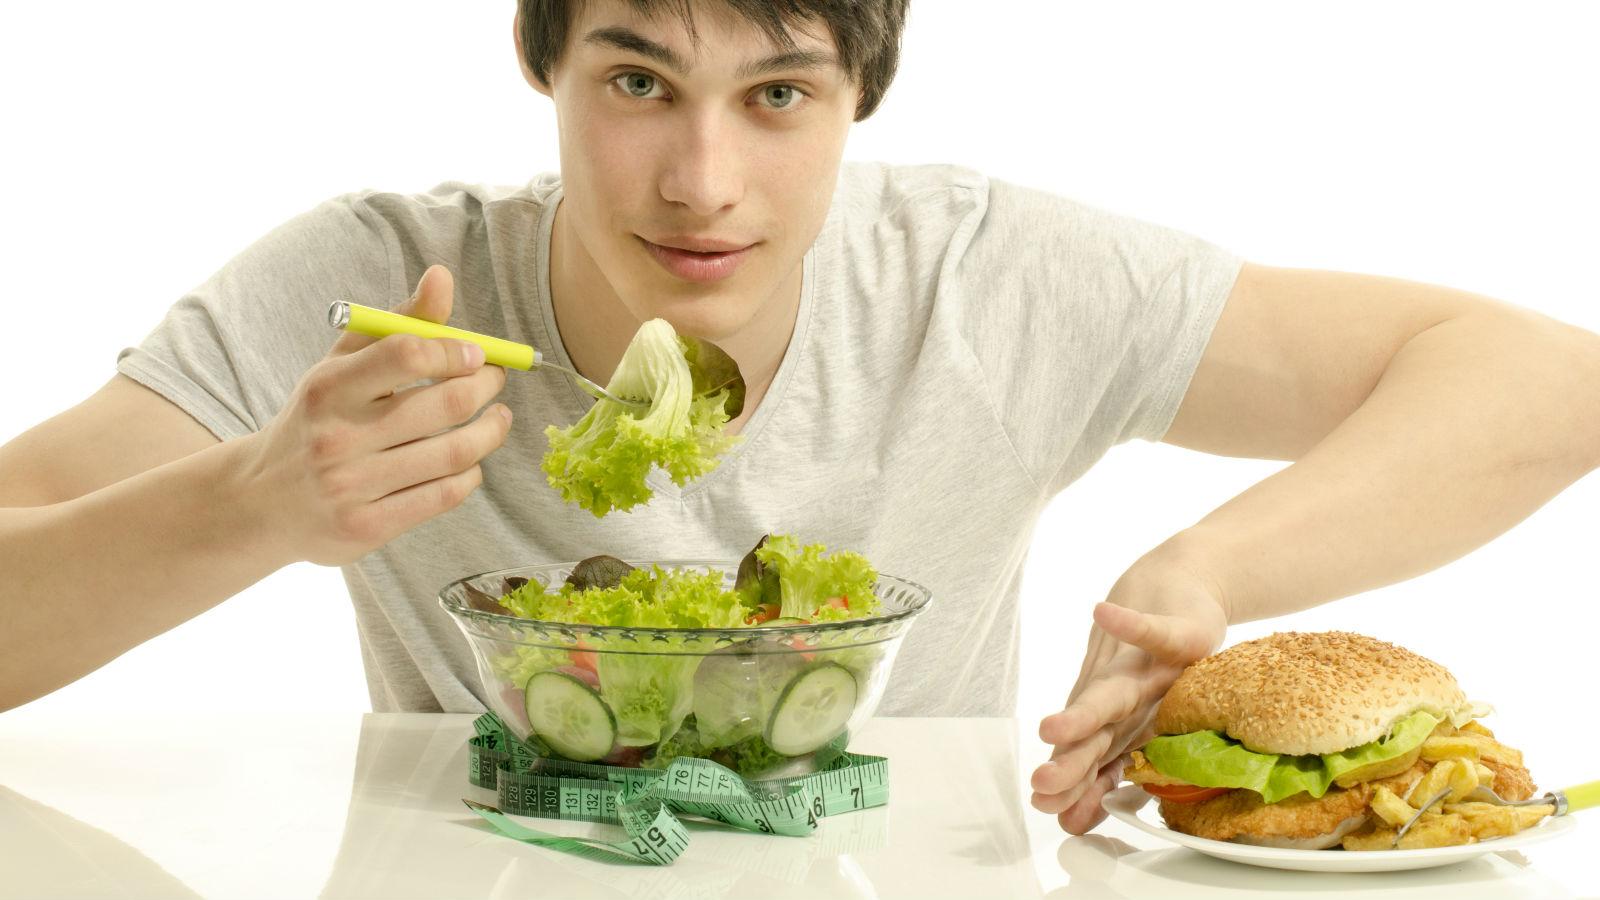 ¿Las fiestas te dejaron exceso de peso? 10 consejos para adelgazar